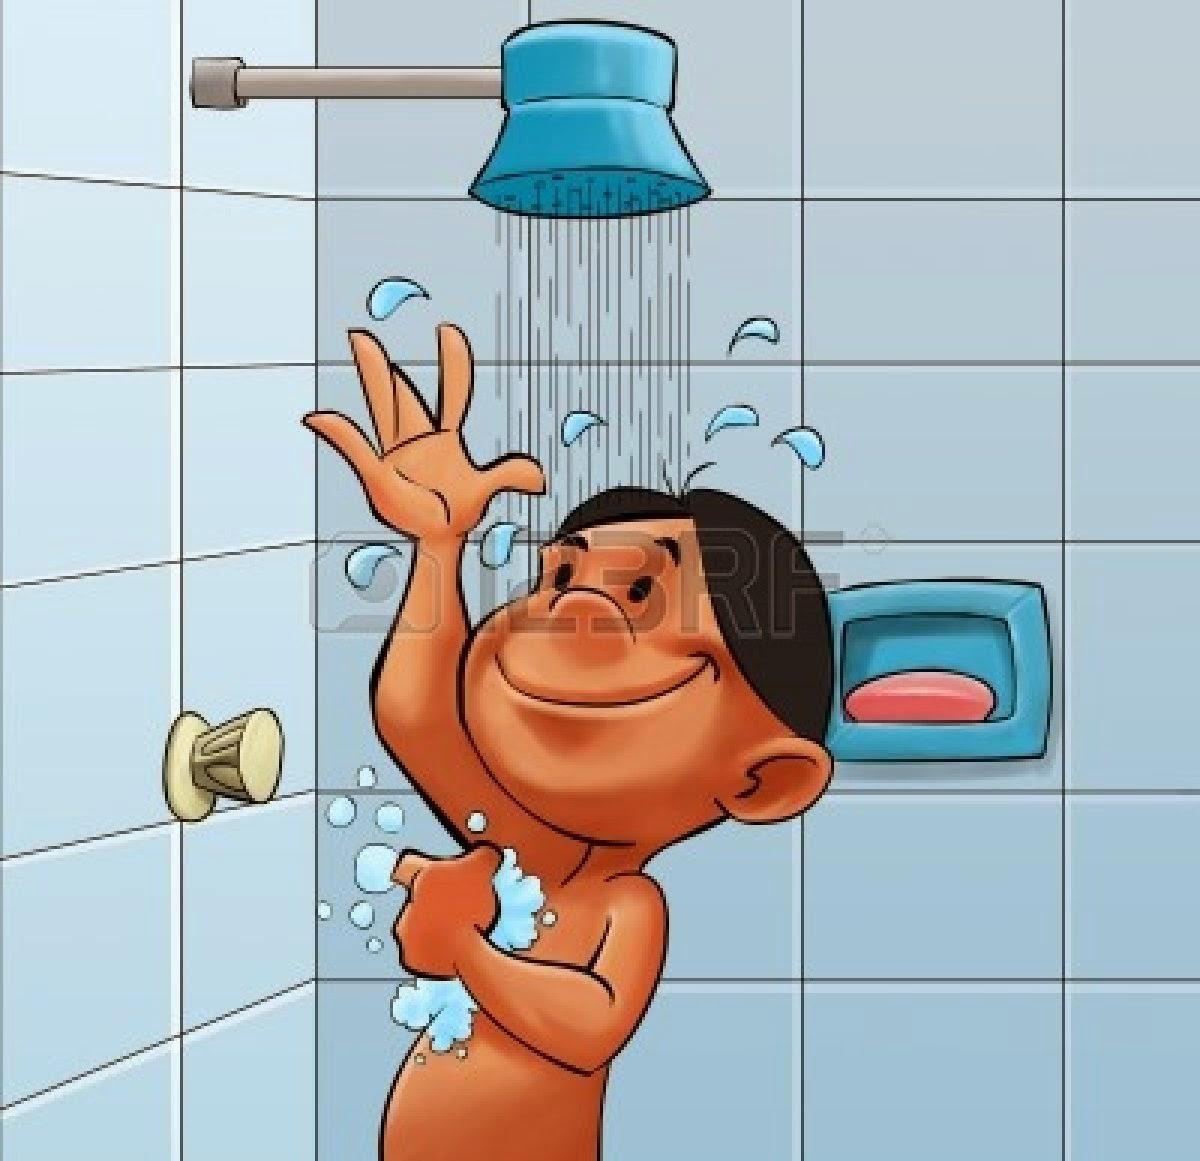 Higiene personal desde la educaci n inicial for Banos para banarse